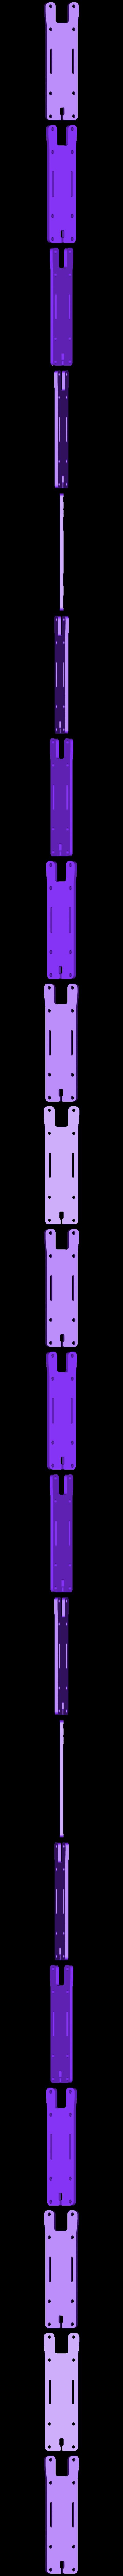 TOP_PLATE_2.stl Télécharger fichier STL gratuit QAV-M 110 Micro Quad FT Gremlin Frame • Objet pour impression 3D, bromego